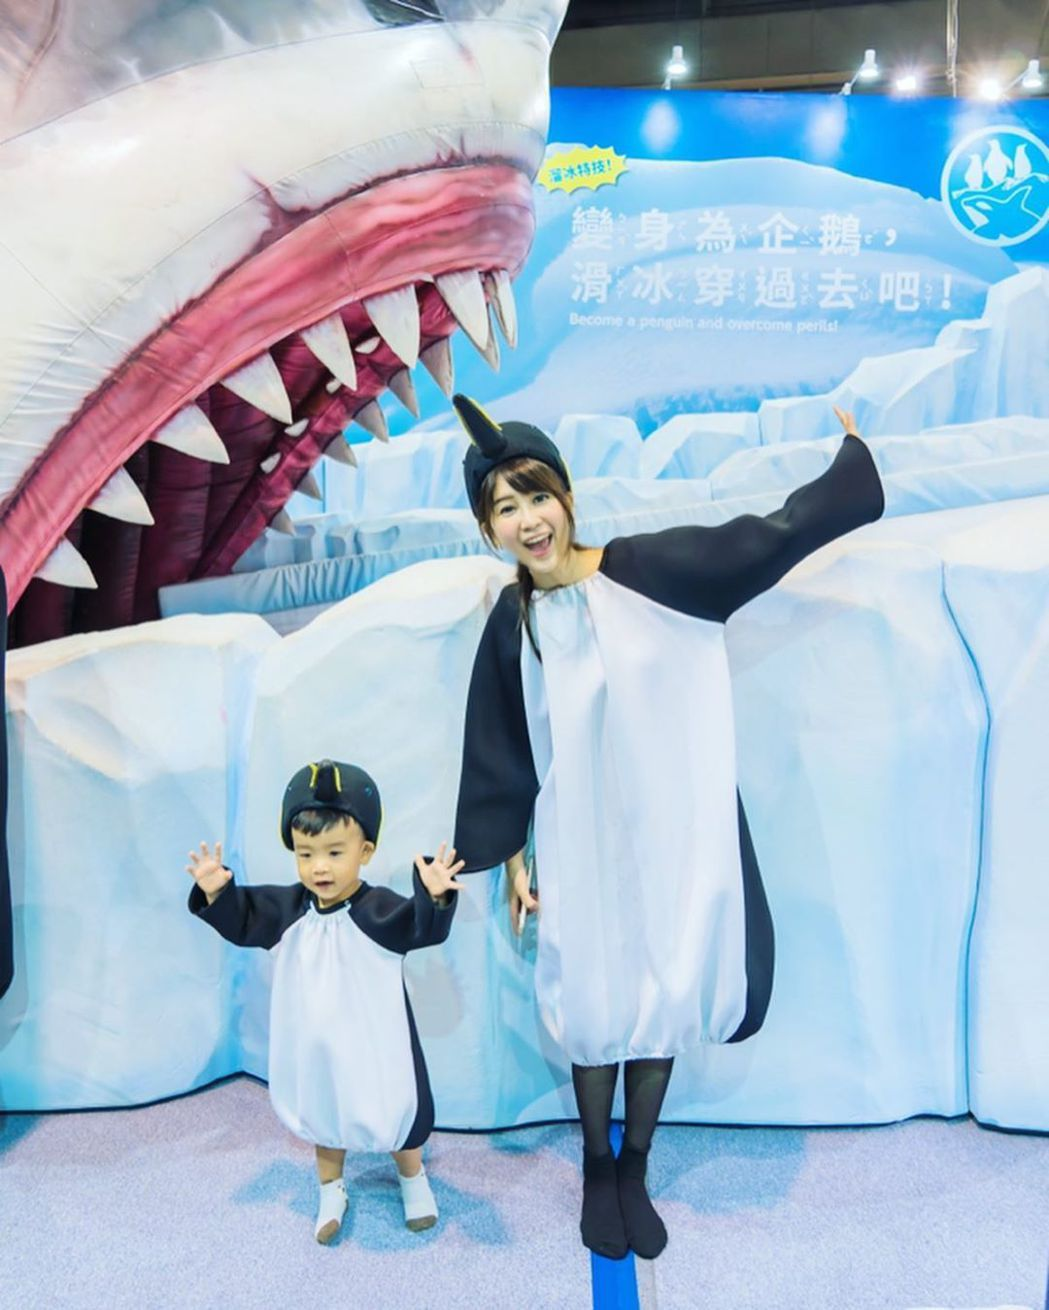 親子穿上可愛的企鵝裝,帶上企鵝帽揮動翅膀,體驗變身成為企鵝的樂趣。 圖/聯合數位...